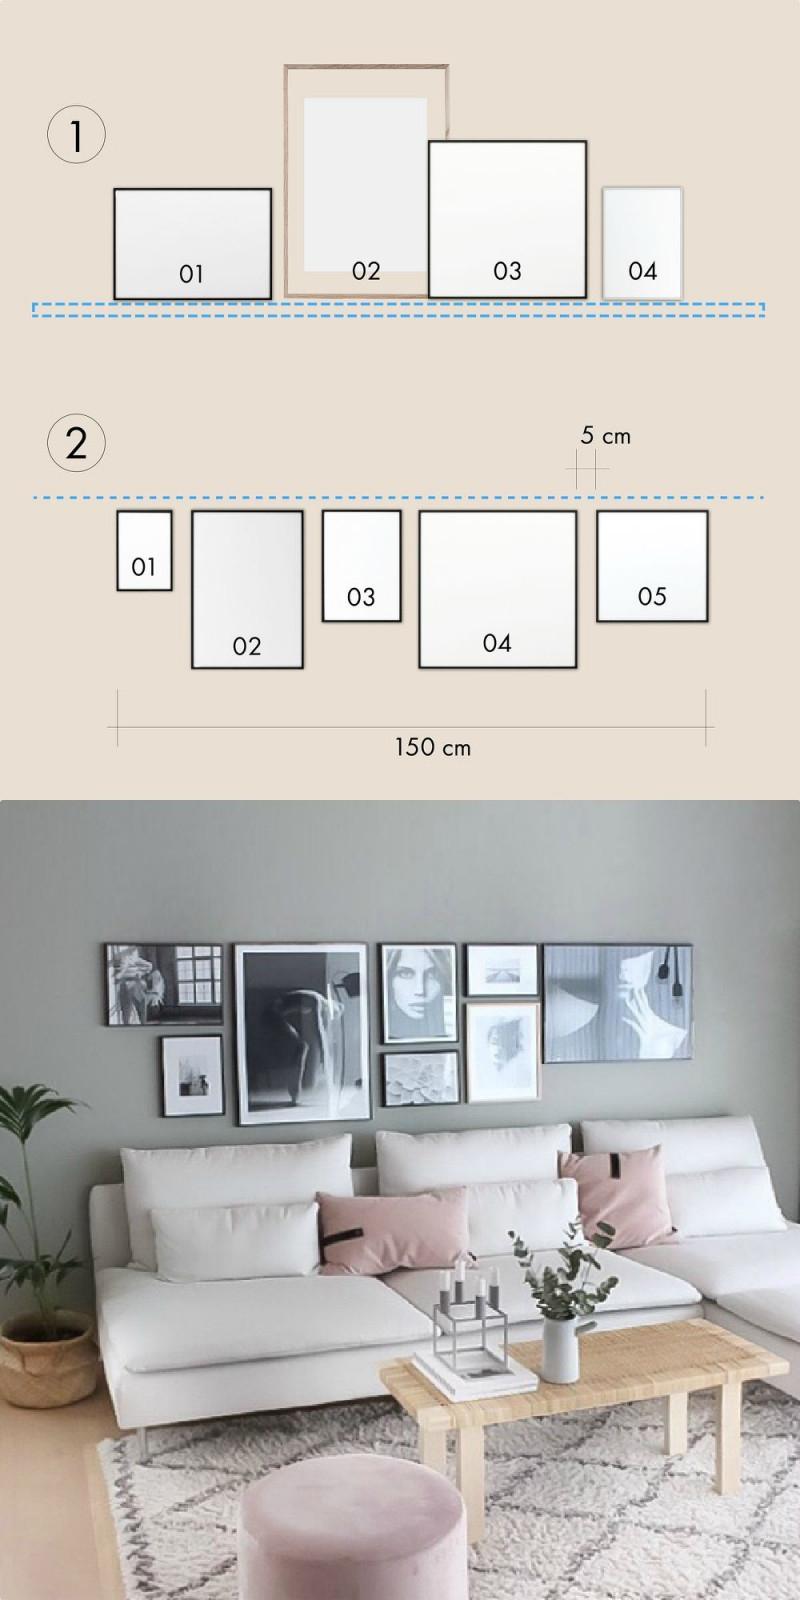 Bilder Aufhängen So Geht's Richtig  Connox Magazine von Bilder Im Wohnzimmer Aufhängen Photo